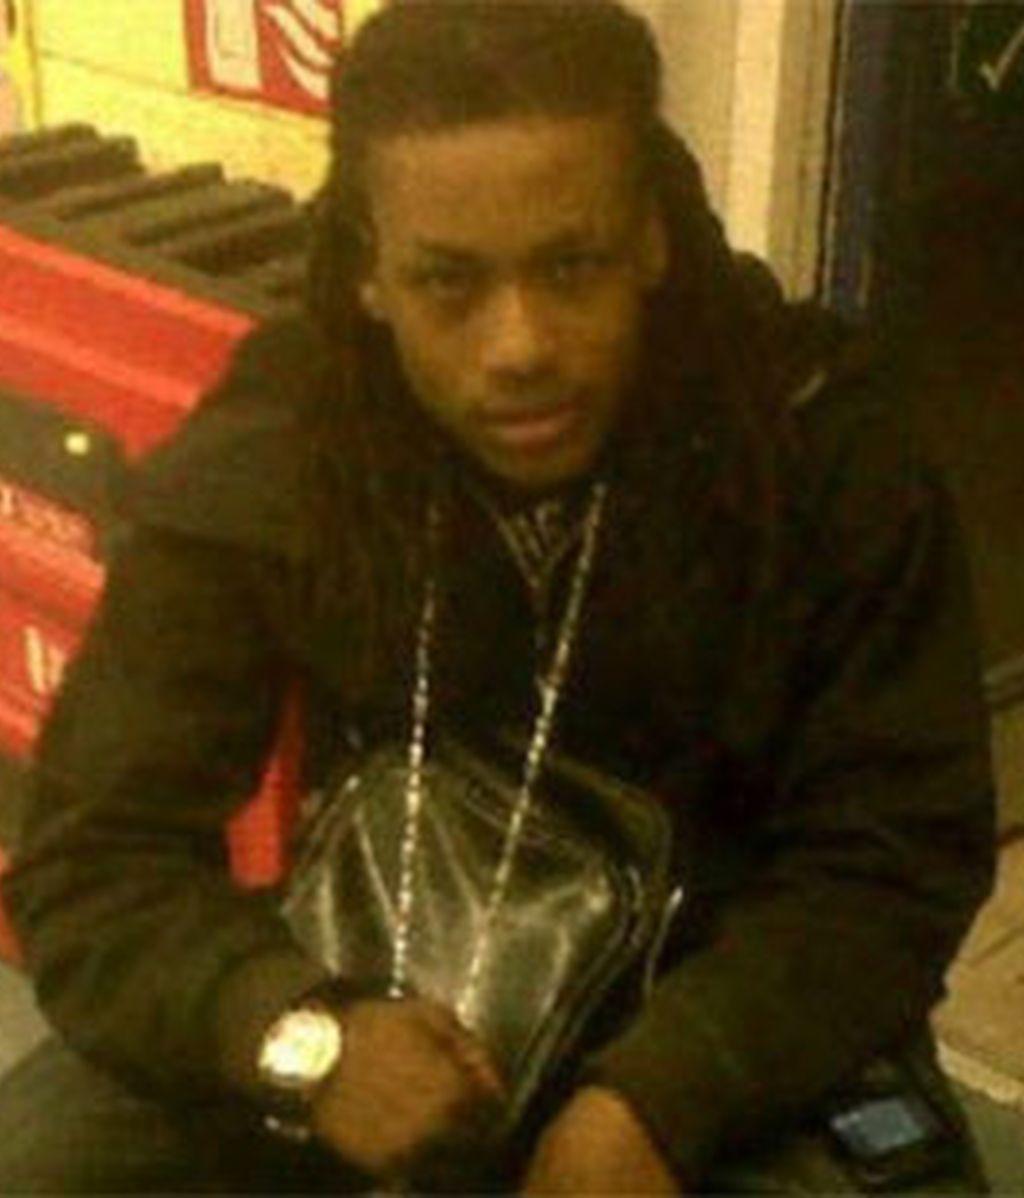 El adolescente de 15 años fue asesinado para robarle su Blackberry. FOTO: Daily Mail